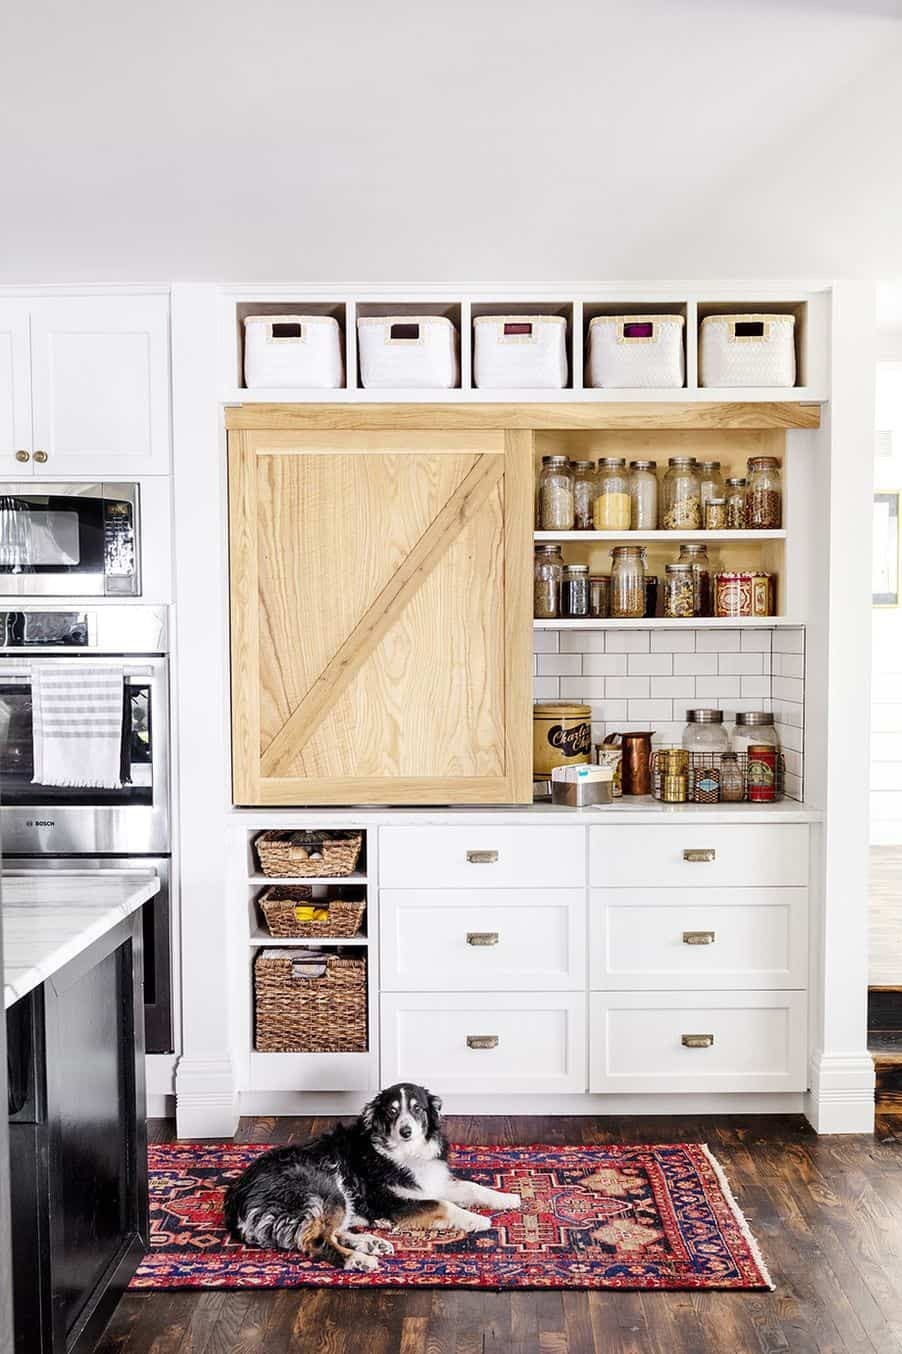 ديكورات مطابخ صغيرة مفتوحة- مطبخ قطعة واحدة